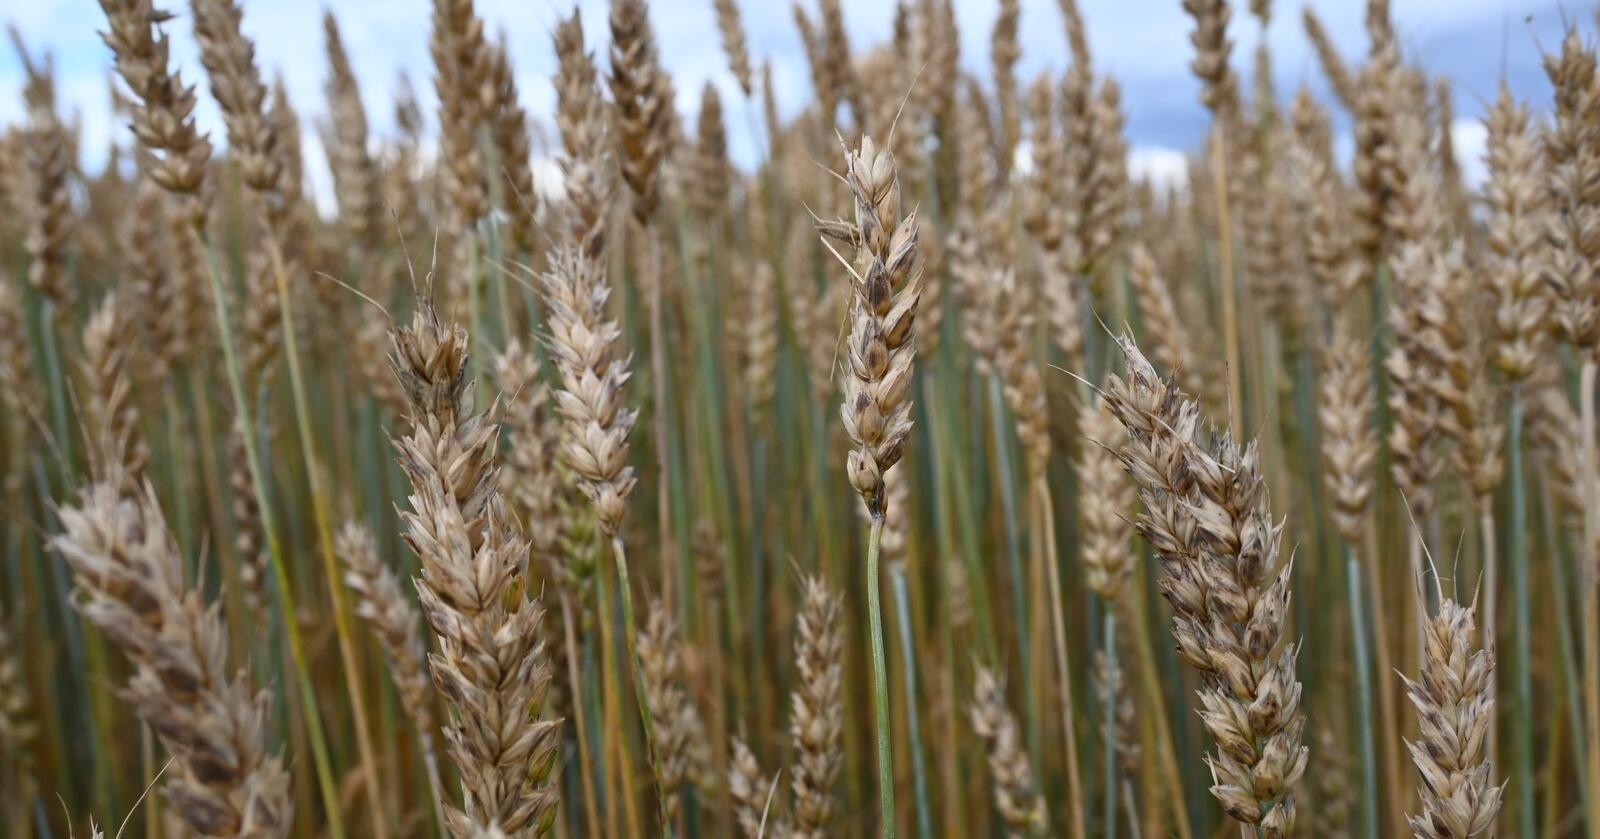 NYTENKING: Kan populasjoner være en del av framtida for økologisk kornproduksjon? Det forsøker prosjektet «Økologisk såkorn» å finne ut. Illustrasjonsfoto: Norsk Landbruk